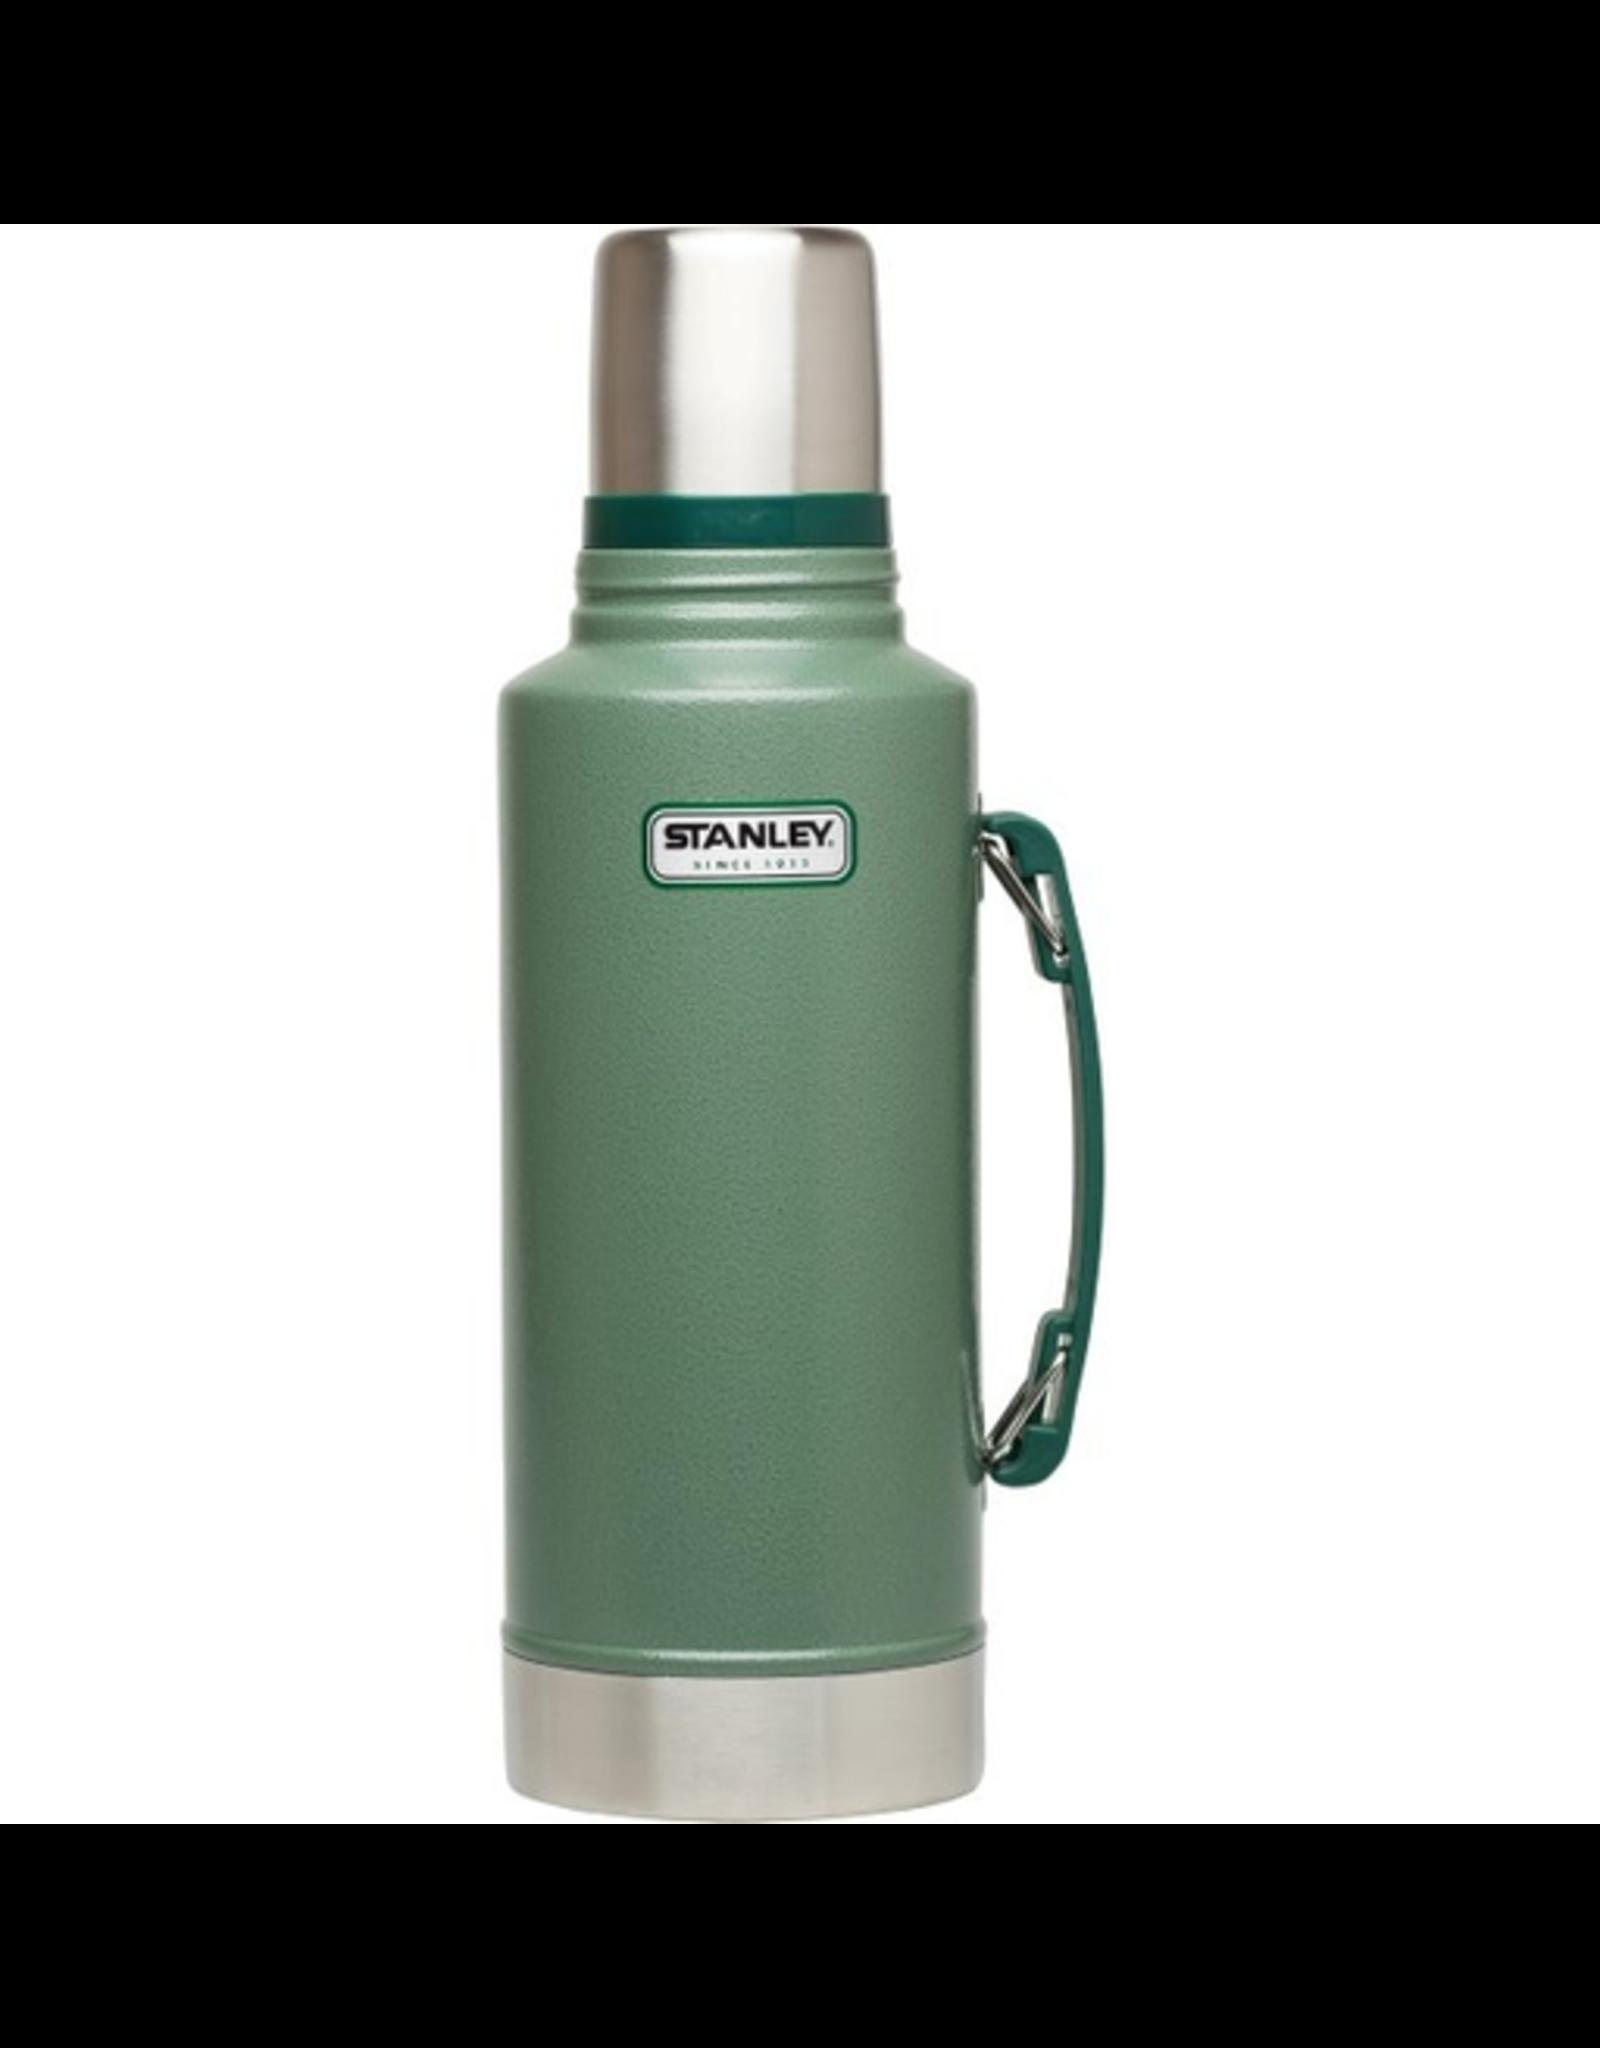 Stanley Stanley Classic Vacuum Bottle 2 QT